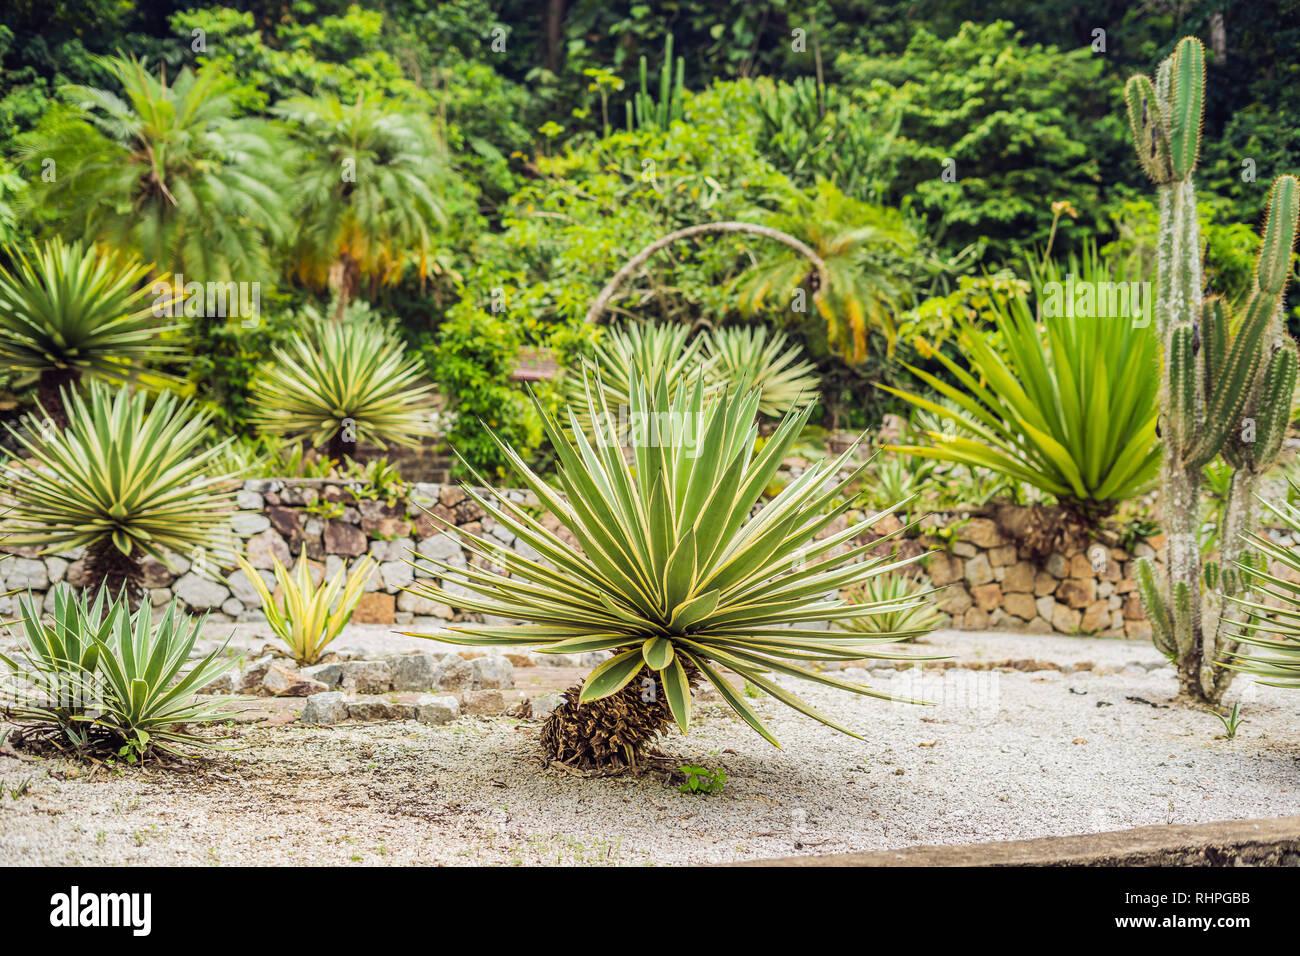 Piante Grasse Piccole Prezzi parco di cactus e piante grasse. in prossimità di piccole